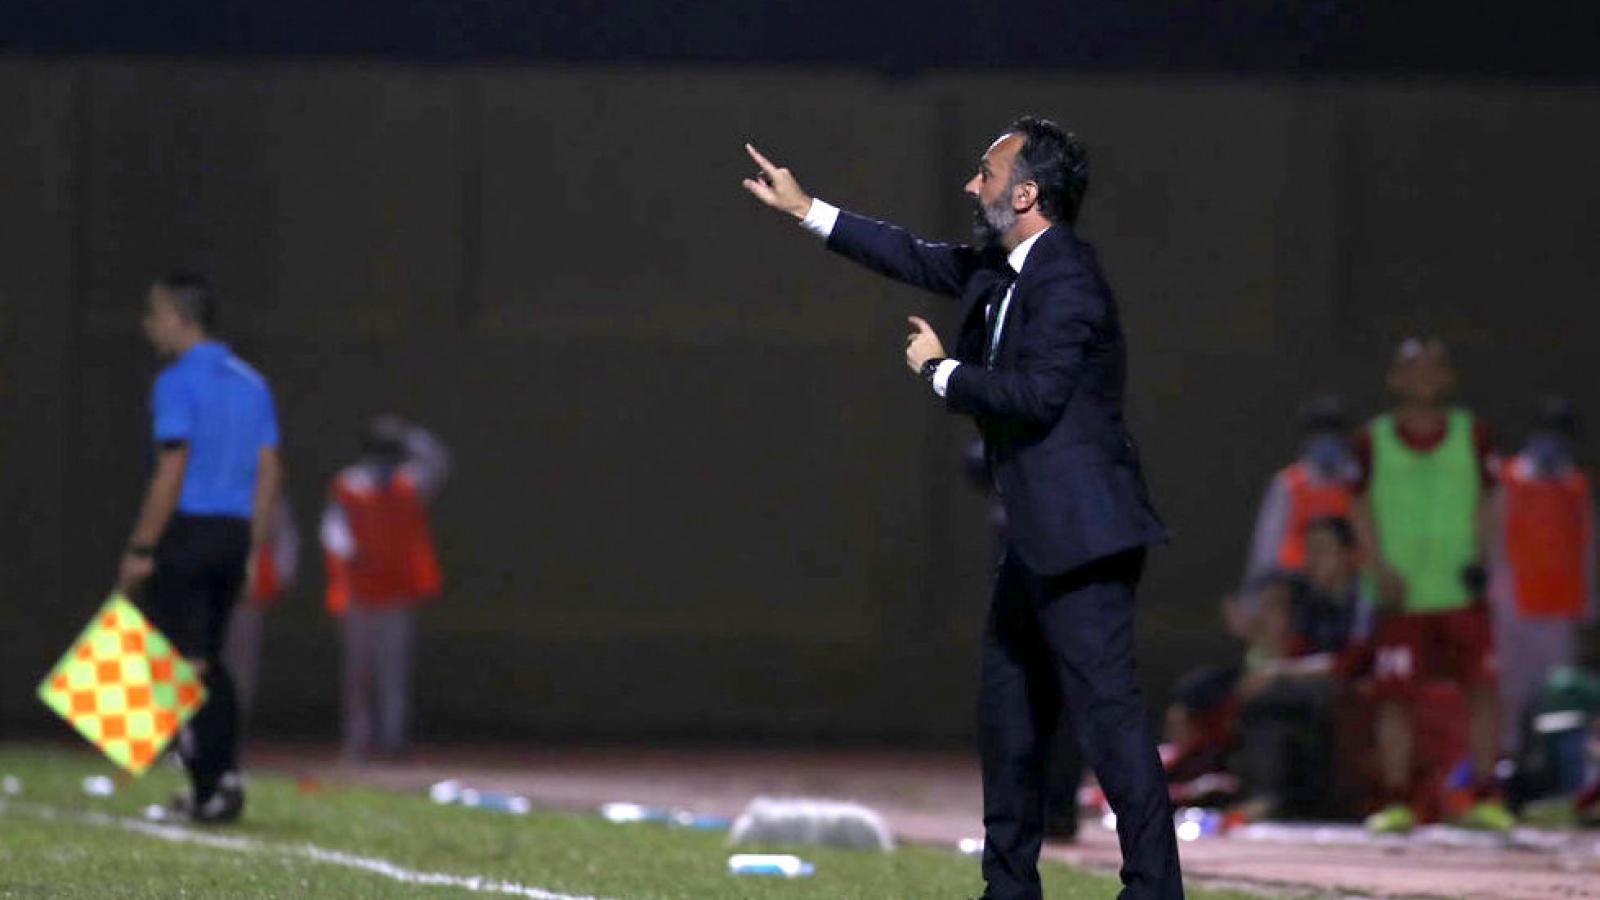 HLV Thanh Hóa băn khoăn với thể thức thi đấu mới của V-League 2020